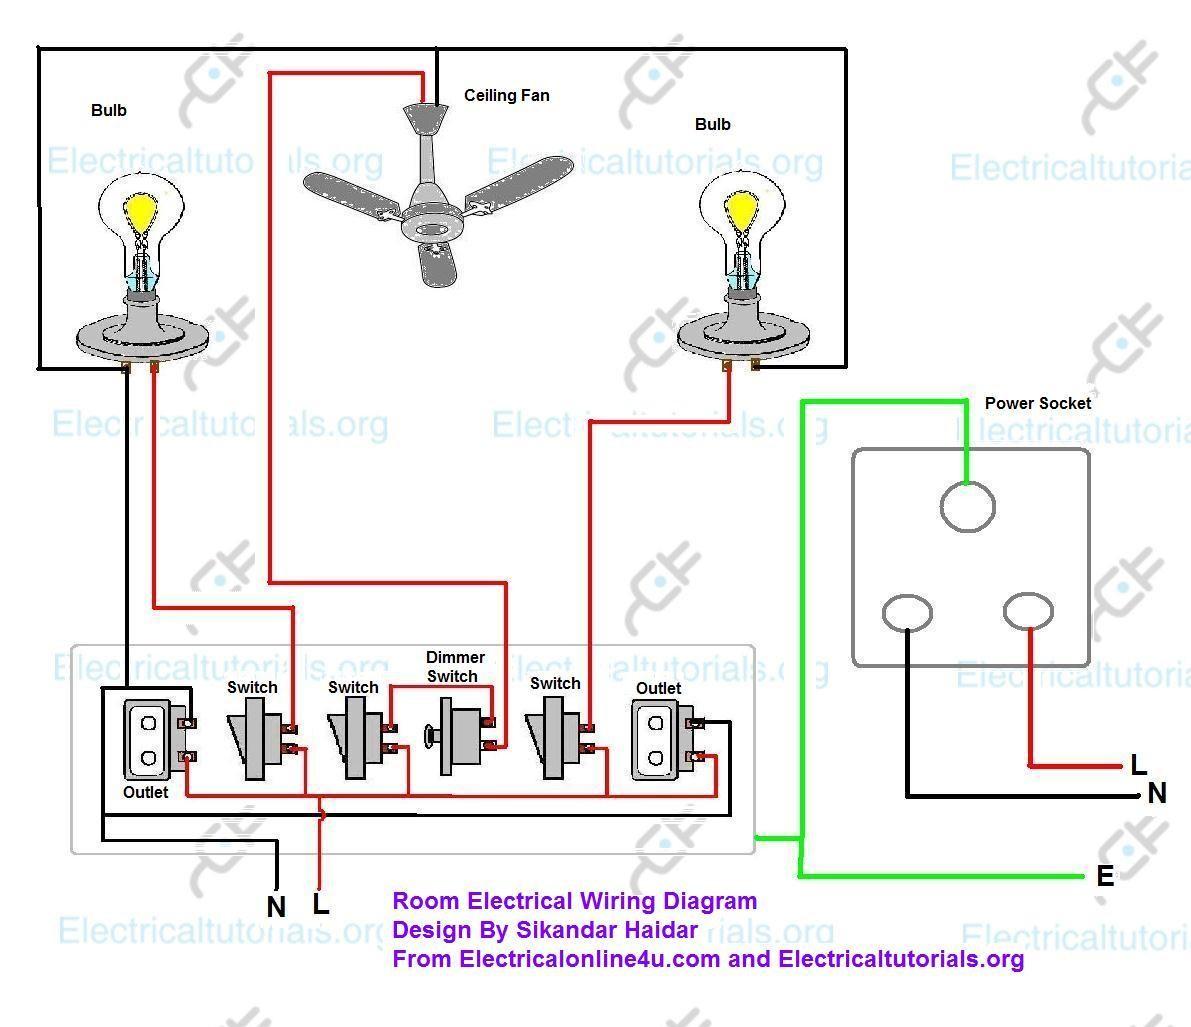 Wiring A Room plete Explanation In Urdu HIndi Electrical Best